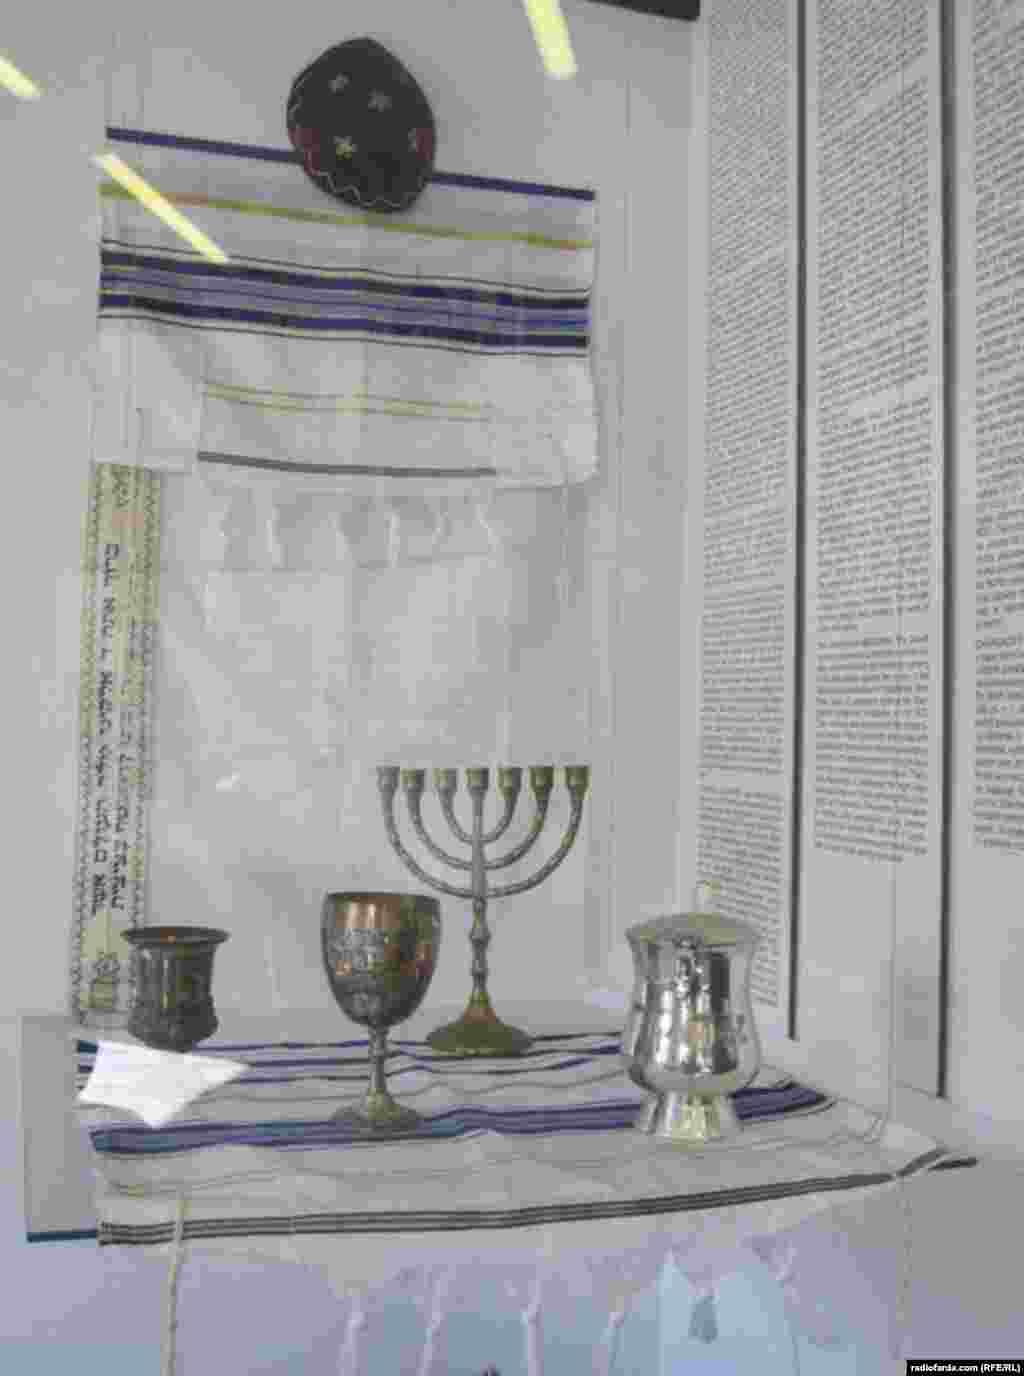 وسایل مرتبط با آیین یهود به نمایش درآمده در خانهای که کافکا در آن به دنیا آمدهاست